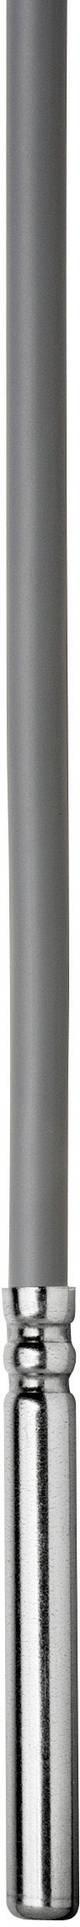 Capteur de température Jumo 00059085 Type de sonde Pt100 Gamme de mesure -5 à 80 °C Longueur du câble 2.5 m 1 pc(s)